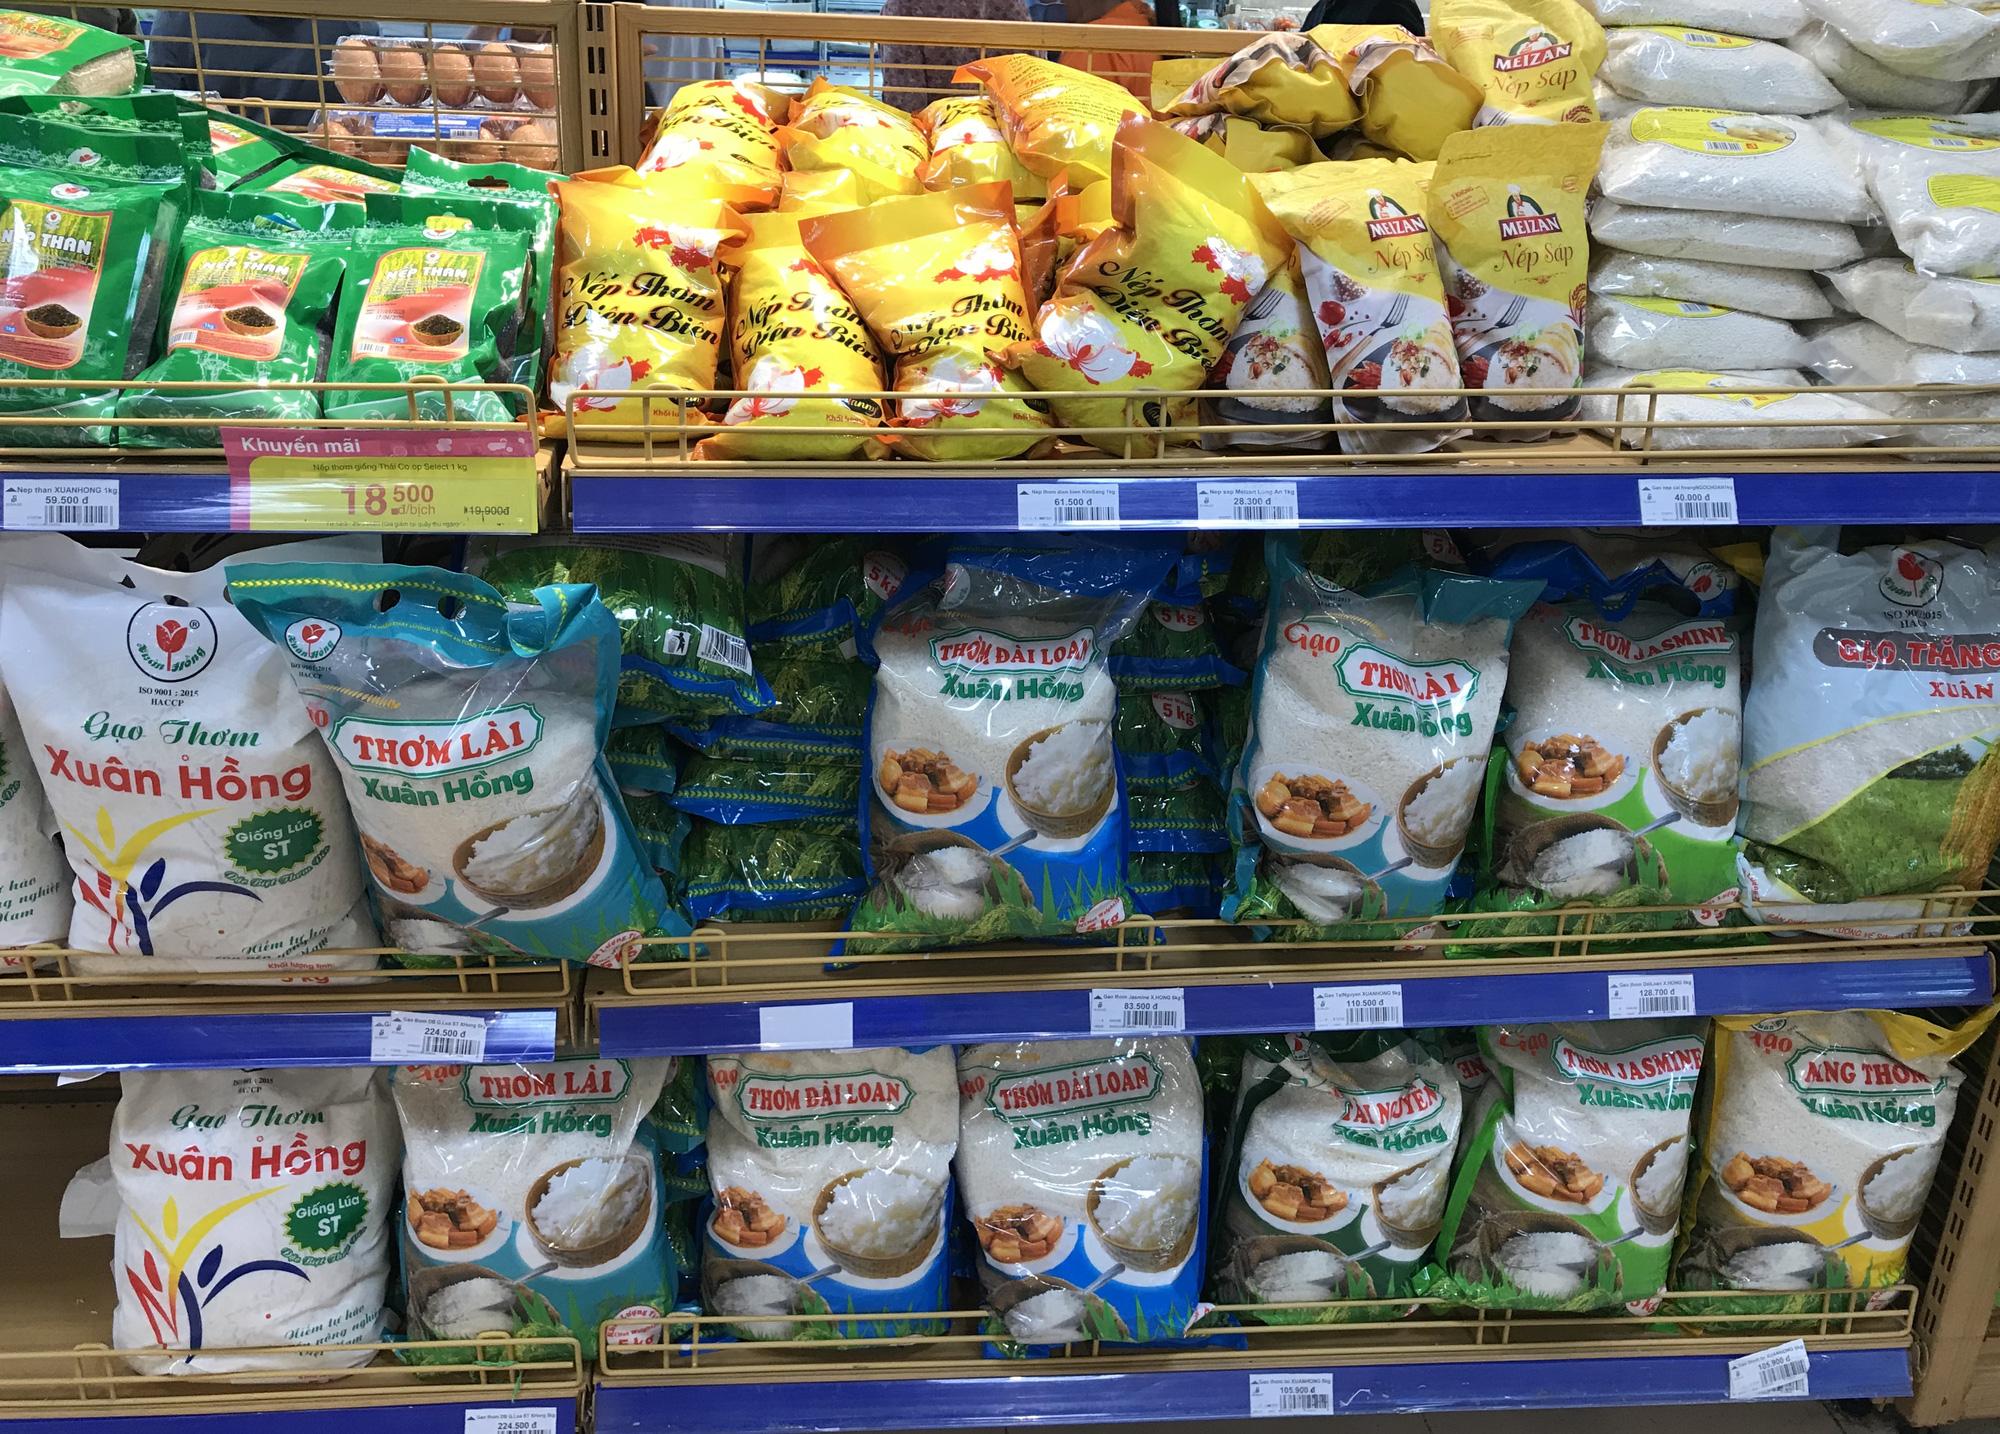 Bộ Công Thương tiếp tục đề nghị xuất khẩu gạo, trước mắt tháng 4 sẽ xuất 400.000 tấn - Ảnh 3.